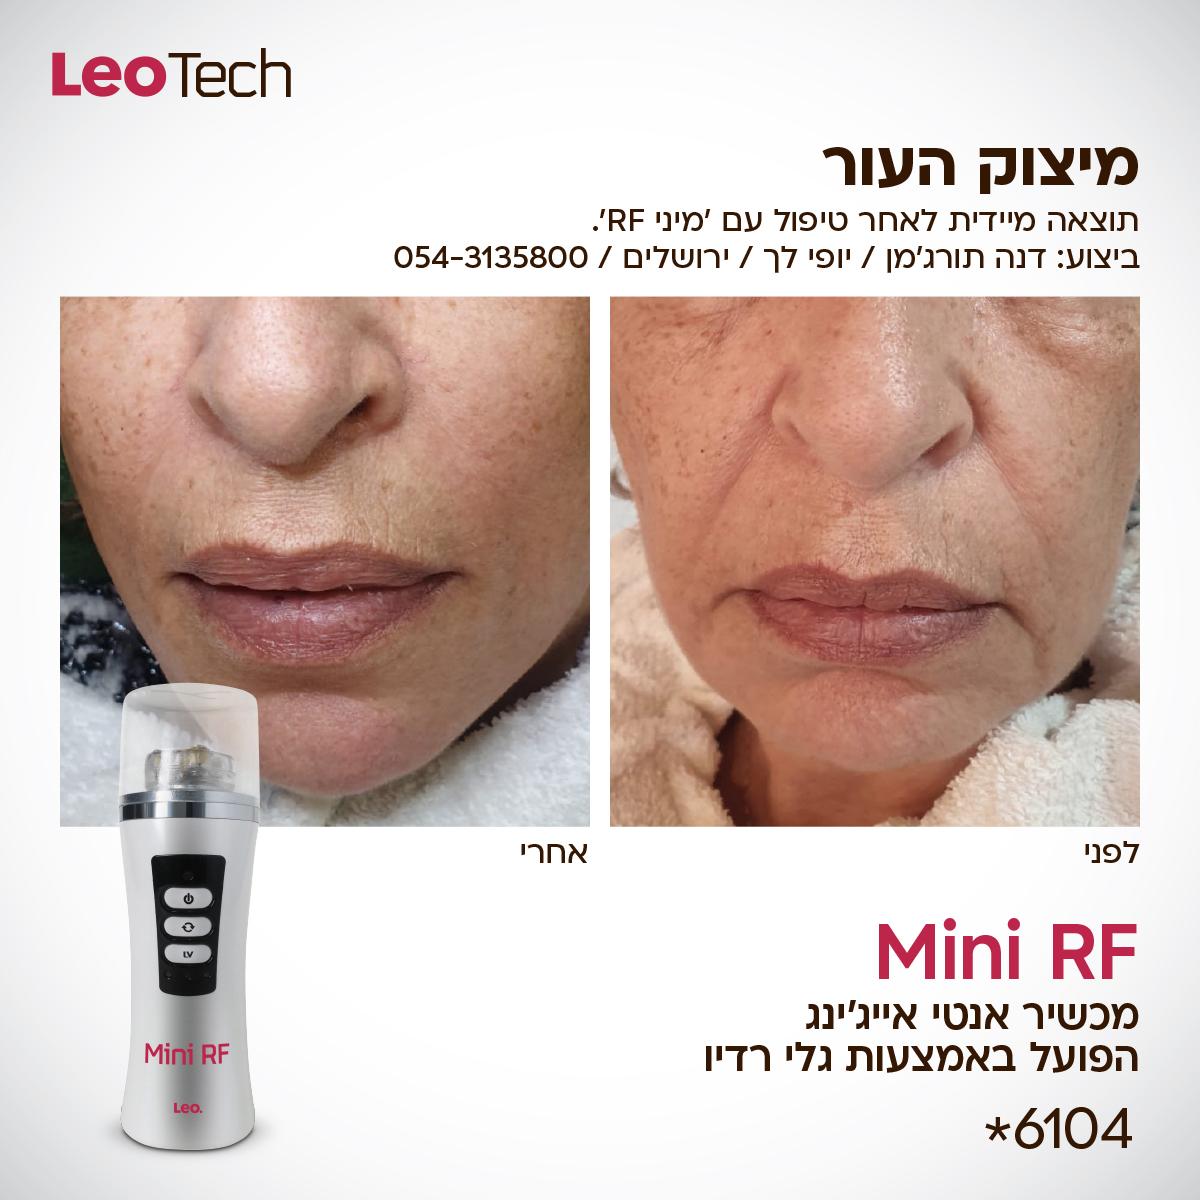 מכשיר למיצוק ומתיחת העור - לפני ואחרי